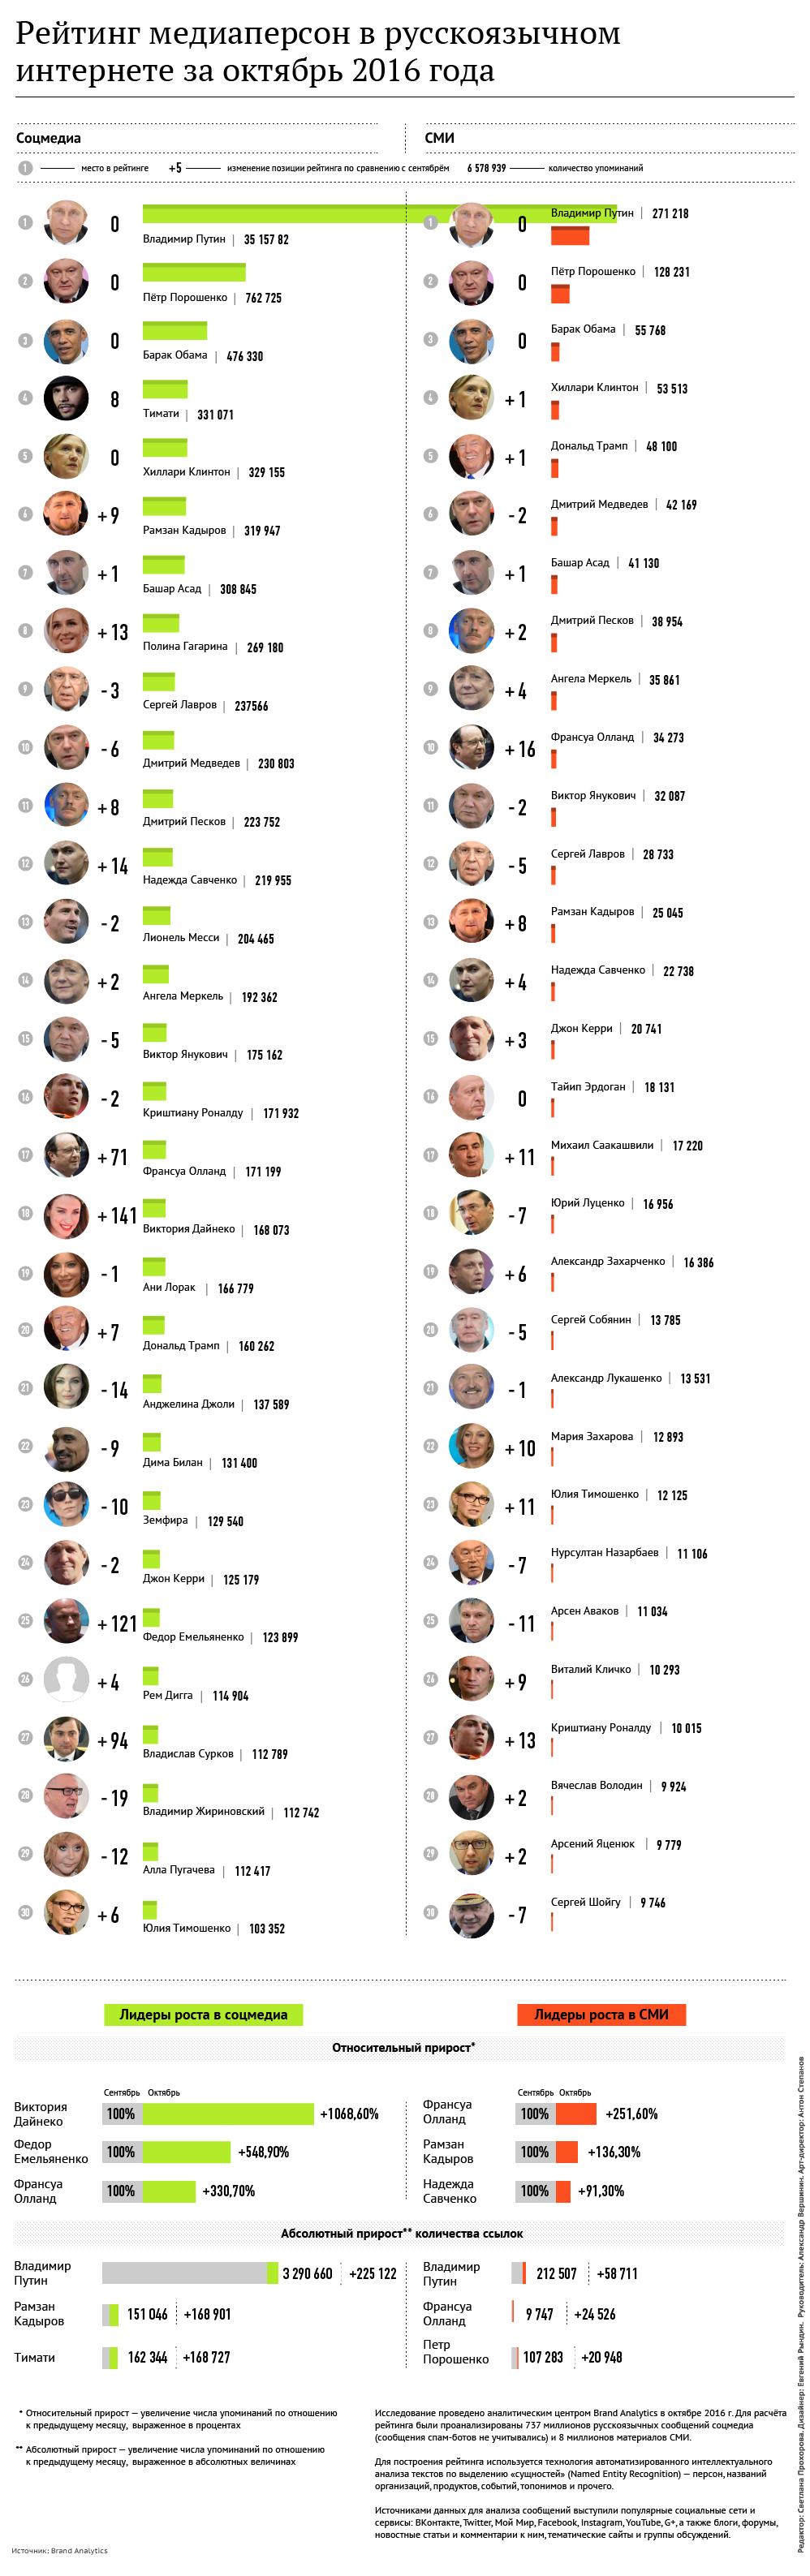 Рейтинг медиаперсон в русскоязычном интернете  за октябрь 2016 года